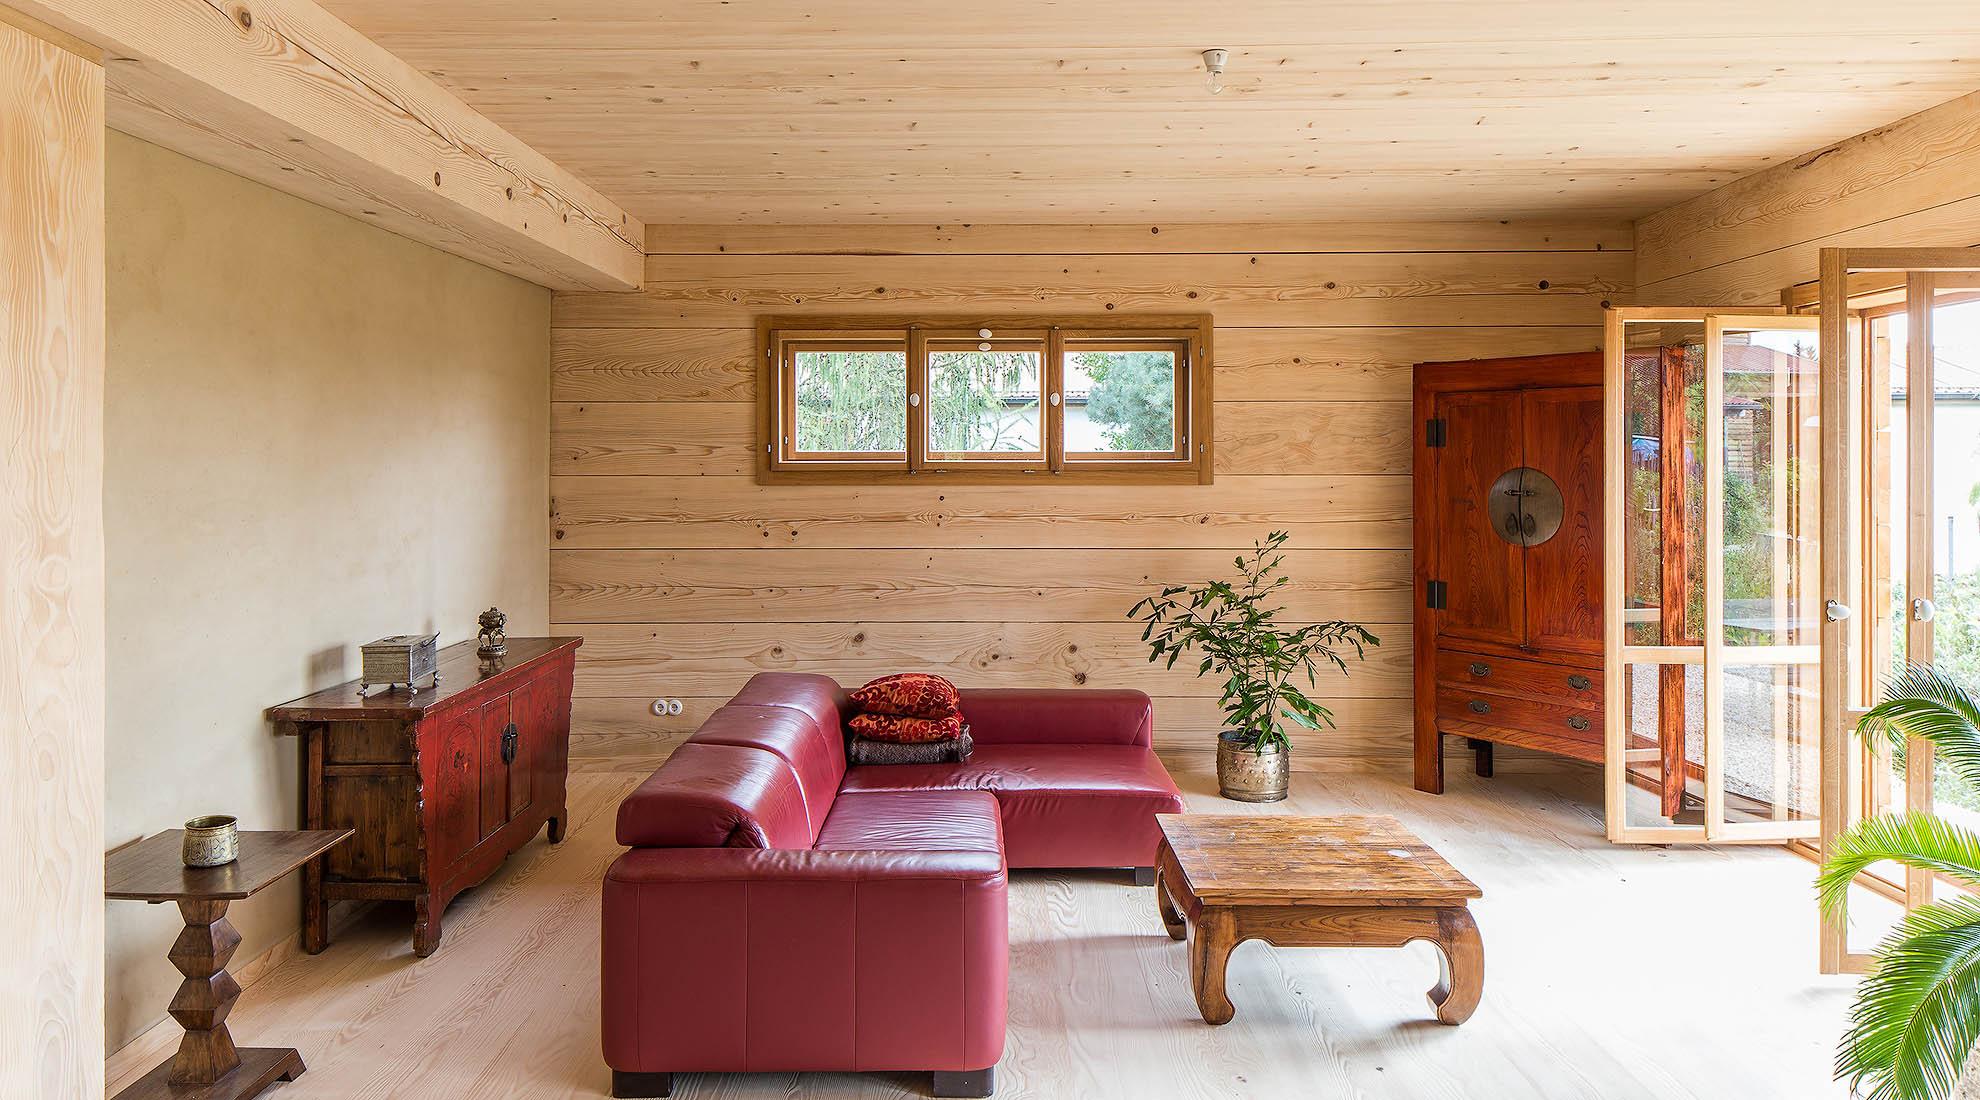 holzhaus und blockhaus gesundes bauen mit holz lehm und. Black Bedroom Furniture Sets. Home Design Ideas